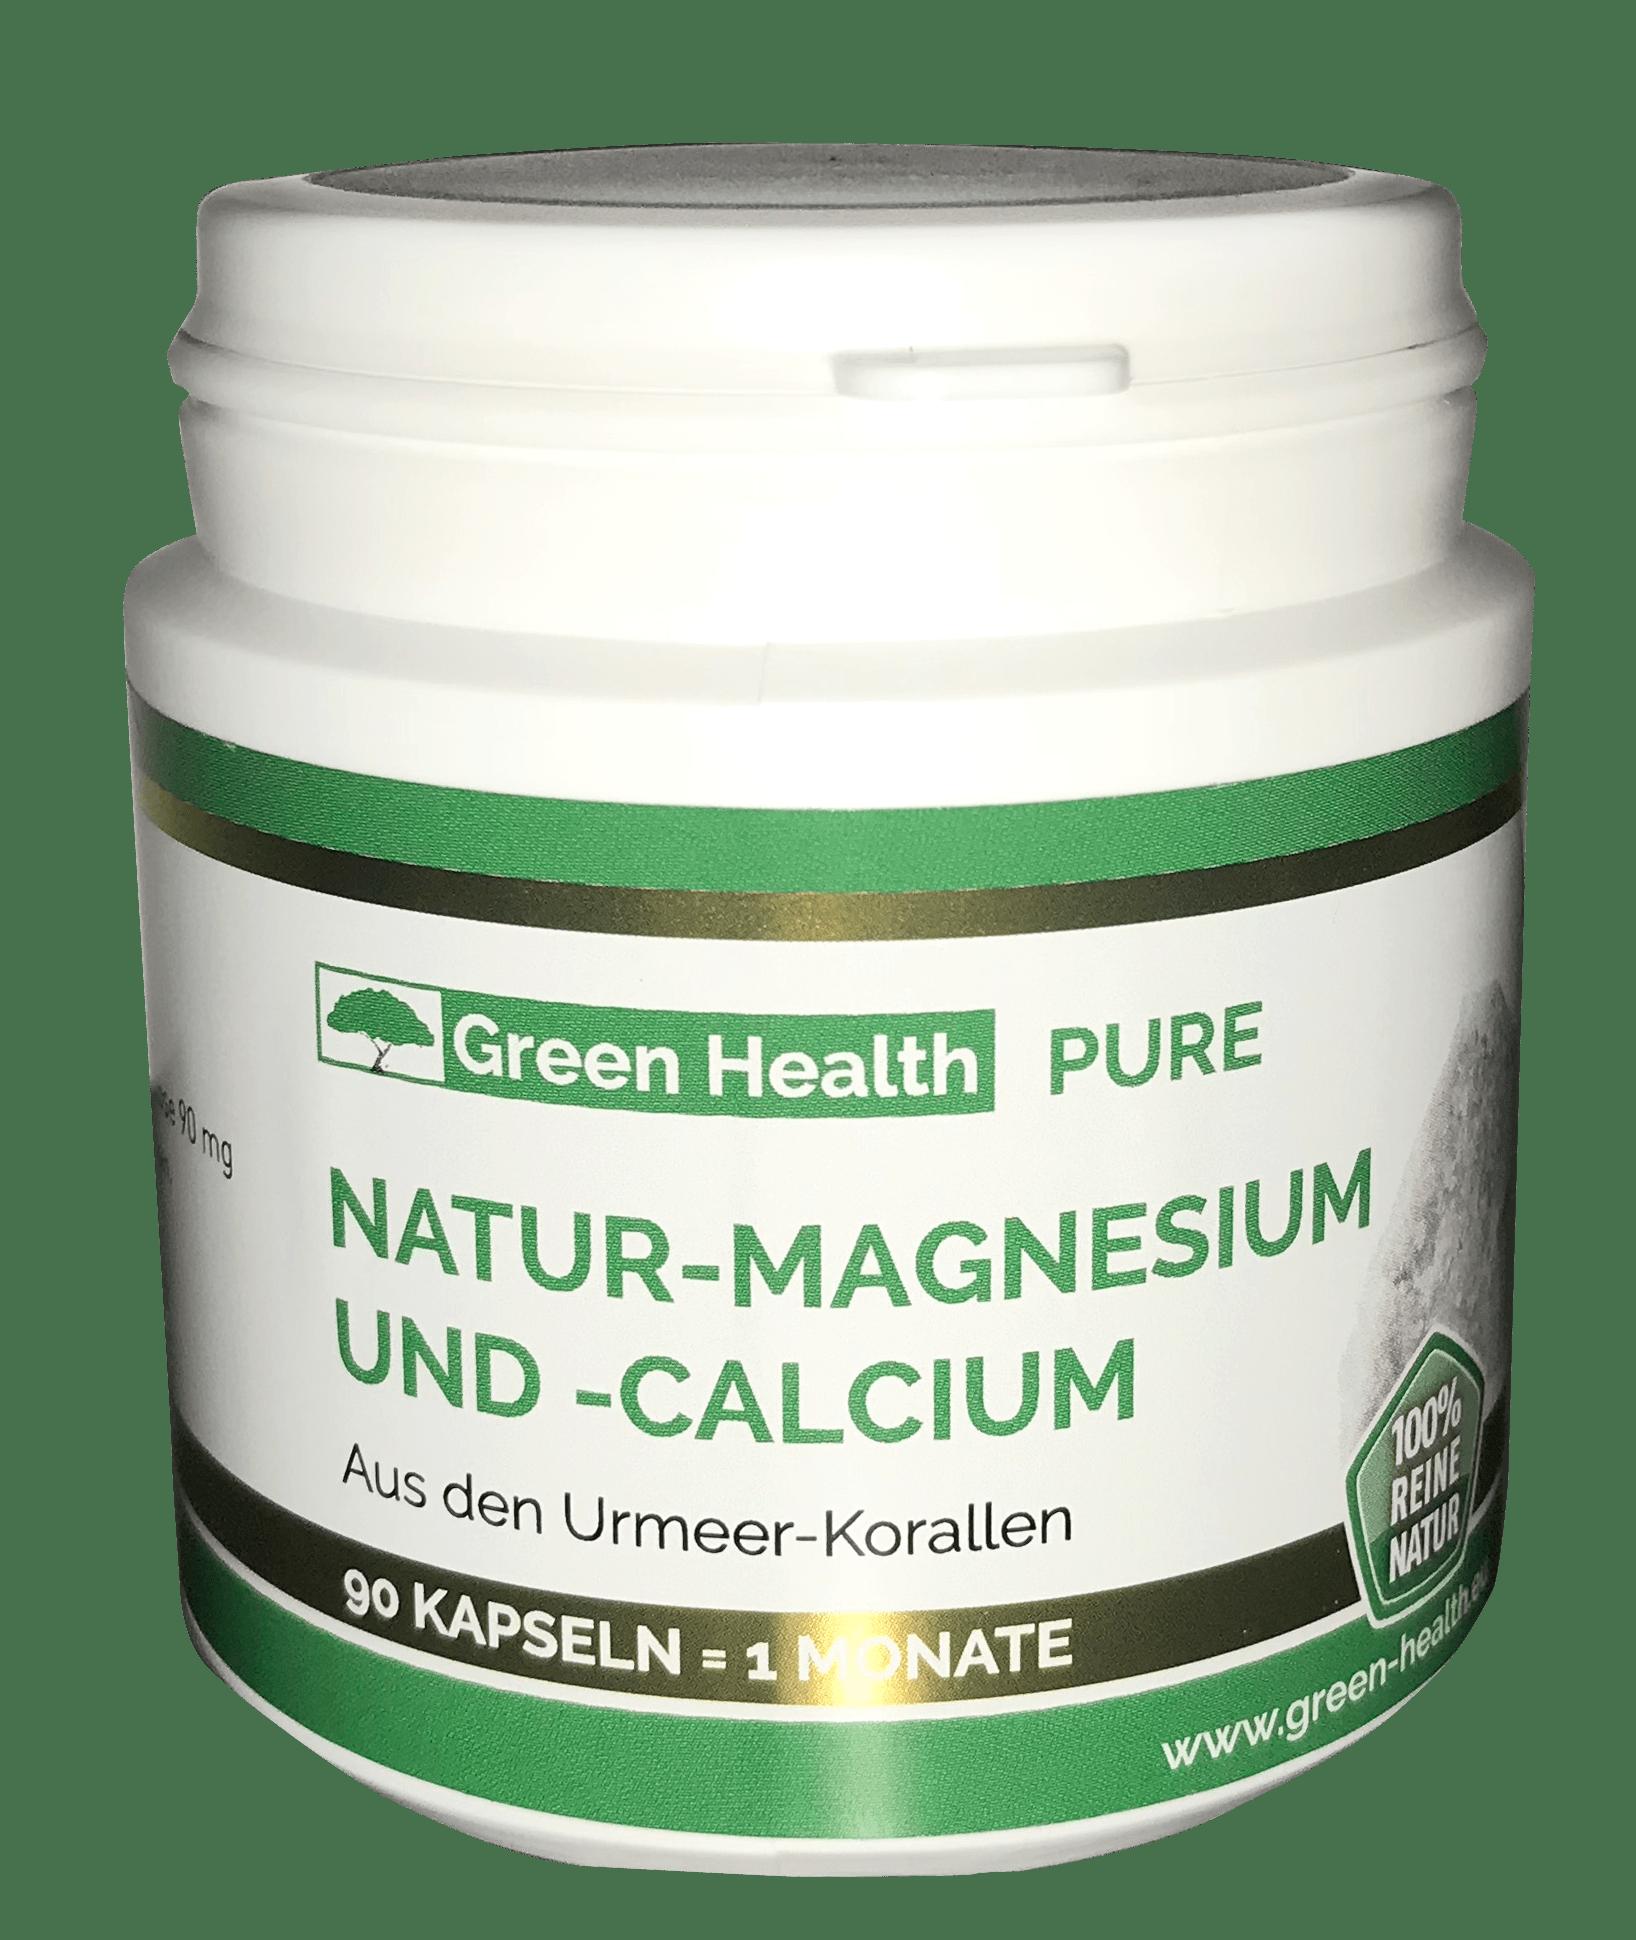 Green Health Pure Natur Magnesium und Calcium - 90 Kapseln